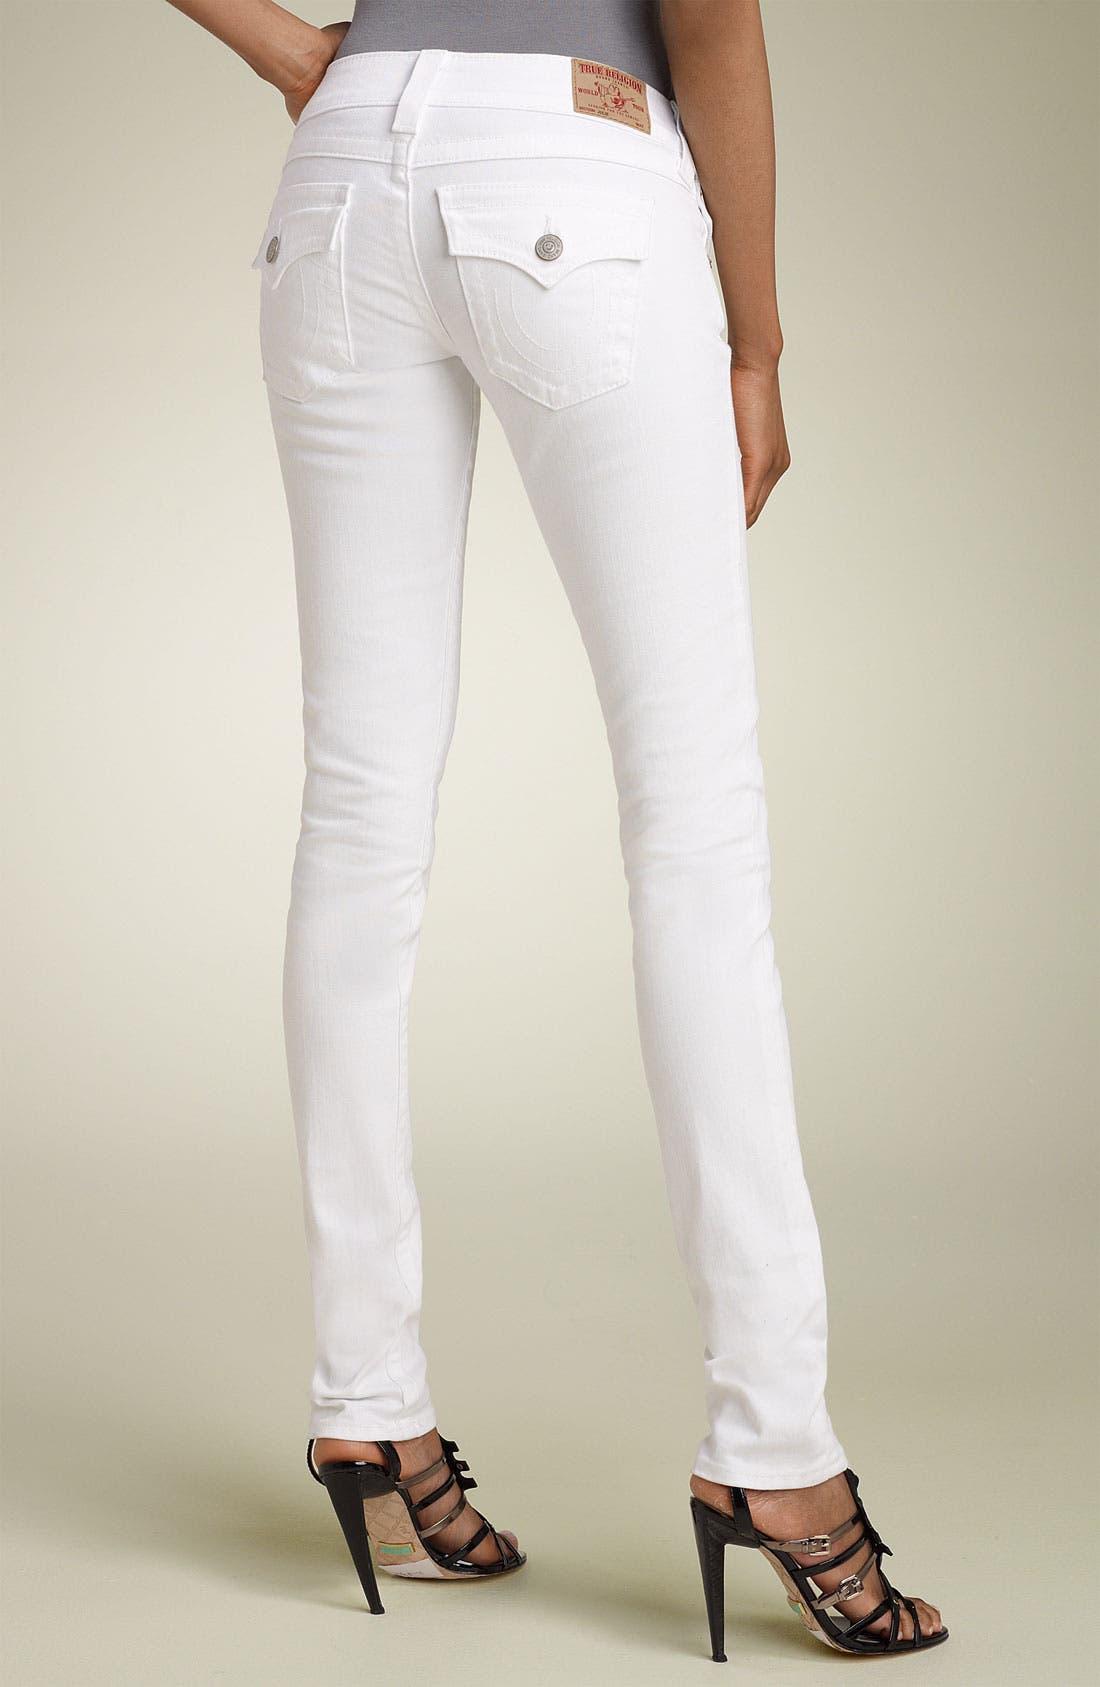 Alternate Image 2  - True Religion Brand Jeans 'Julie' Skinny Stretch Jeans (Body Rinse White)